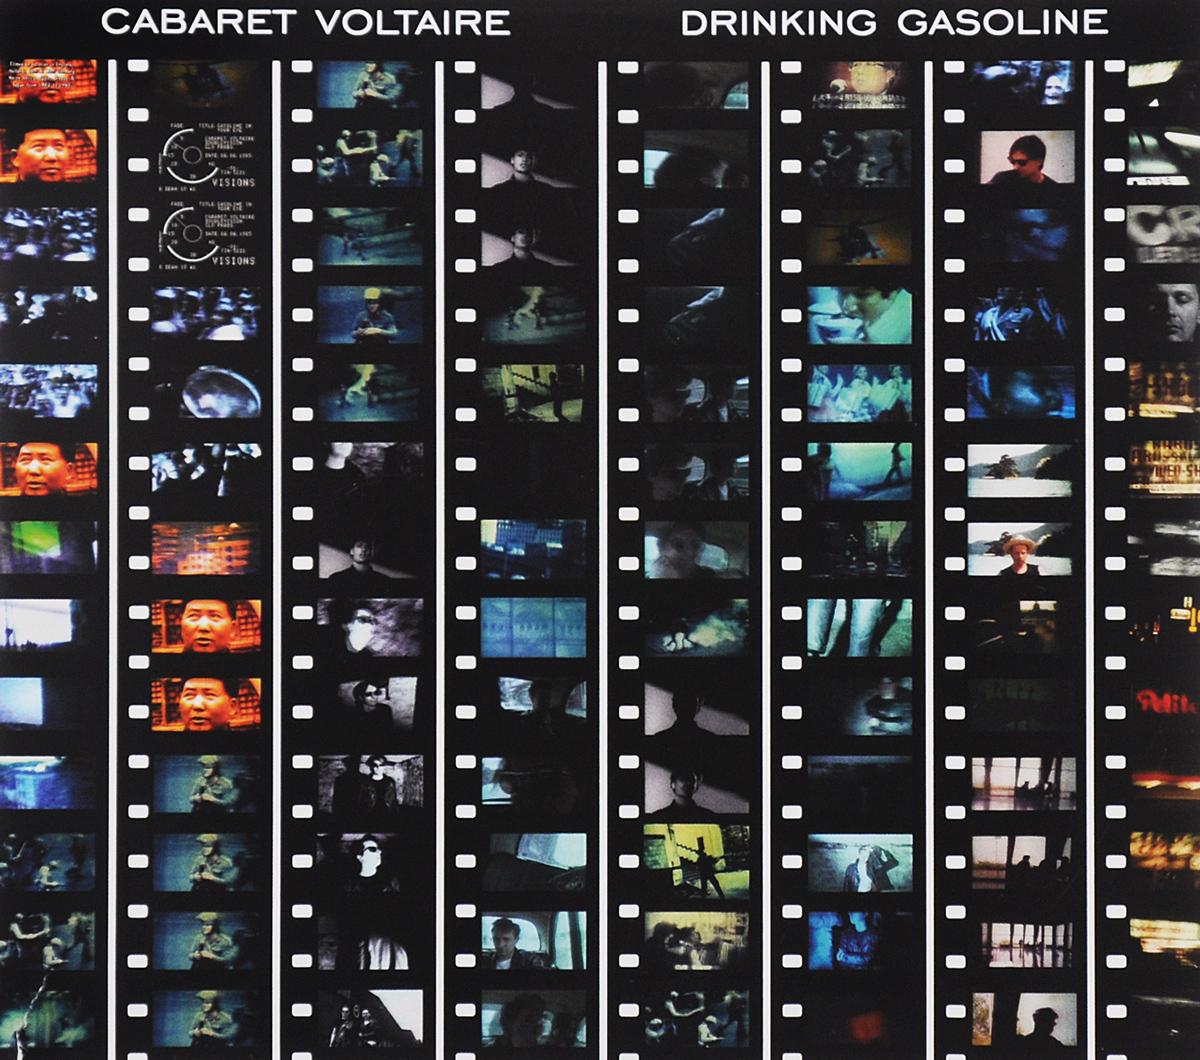 Cabaret Voltaire. Drinking Gasoline (CD + DVD)